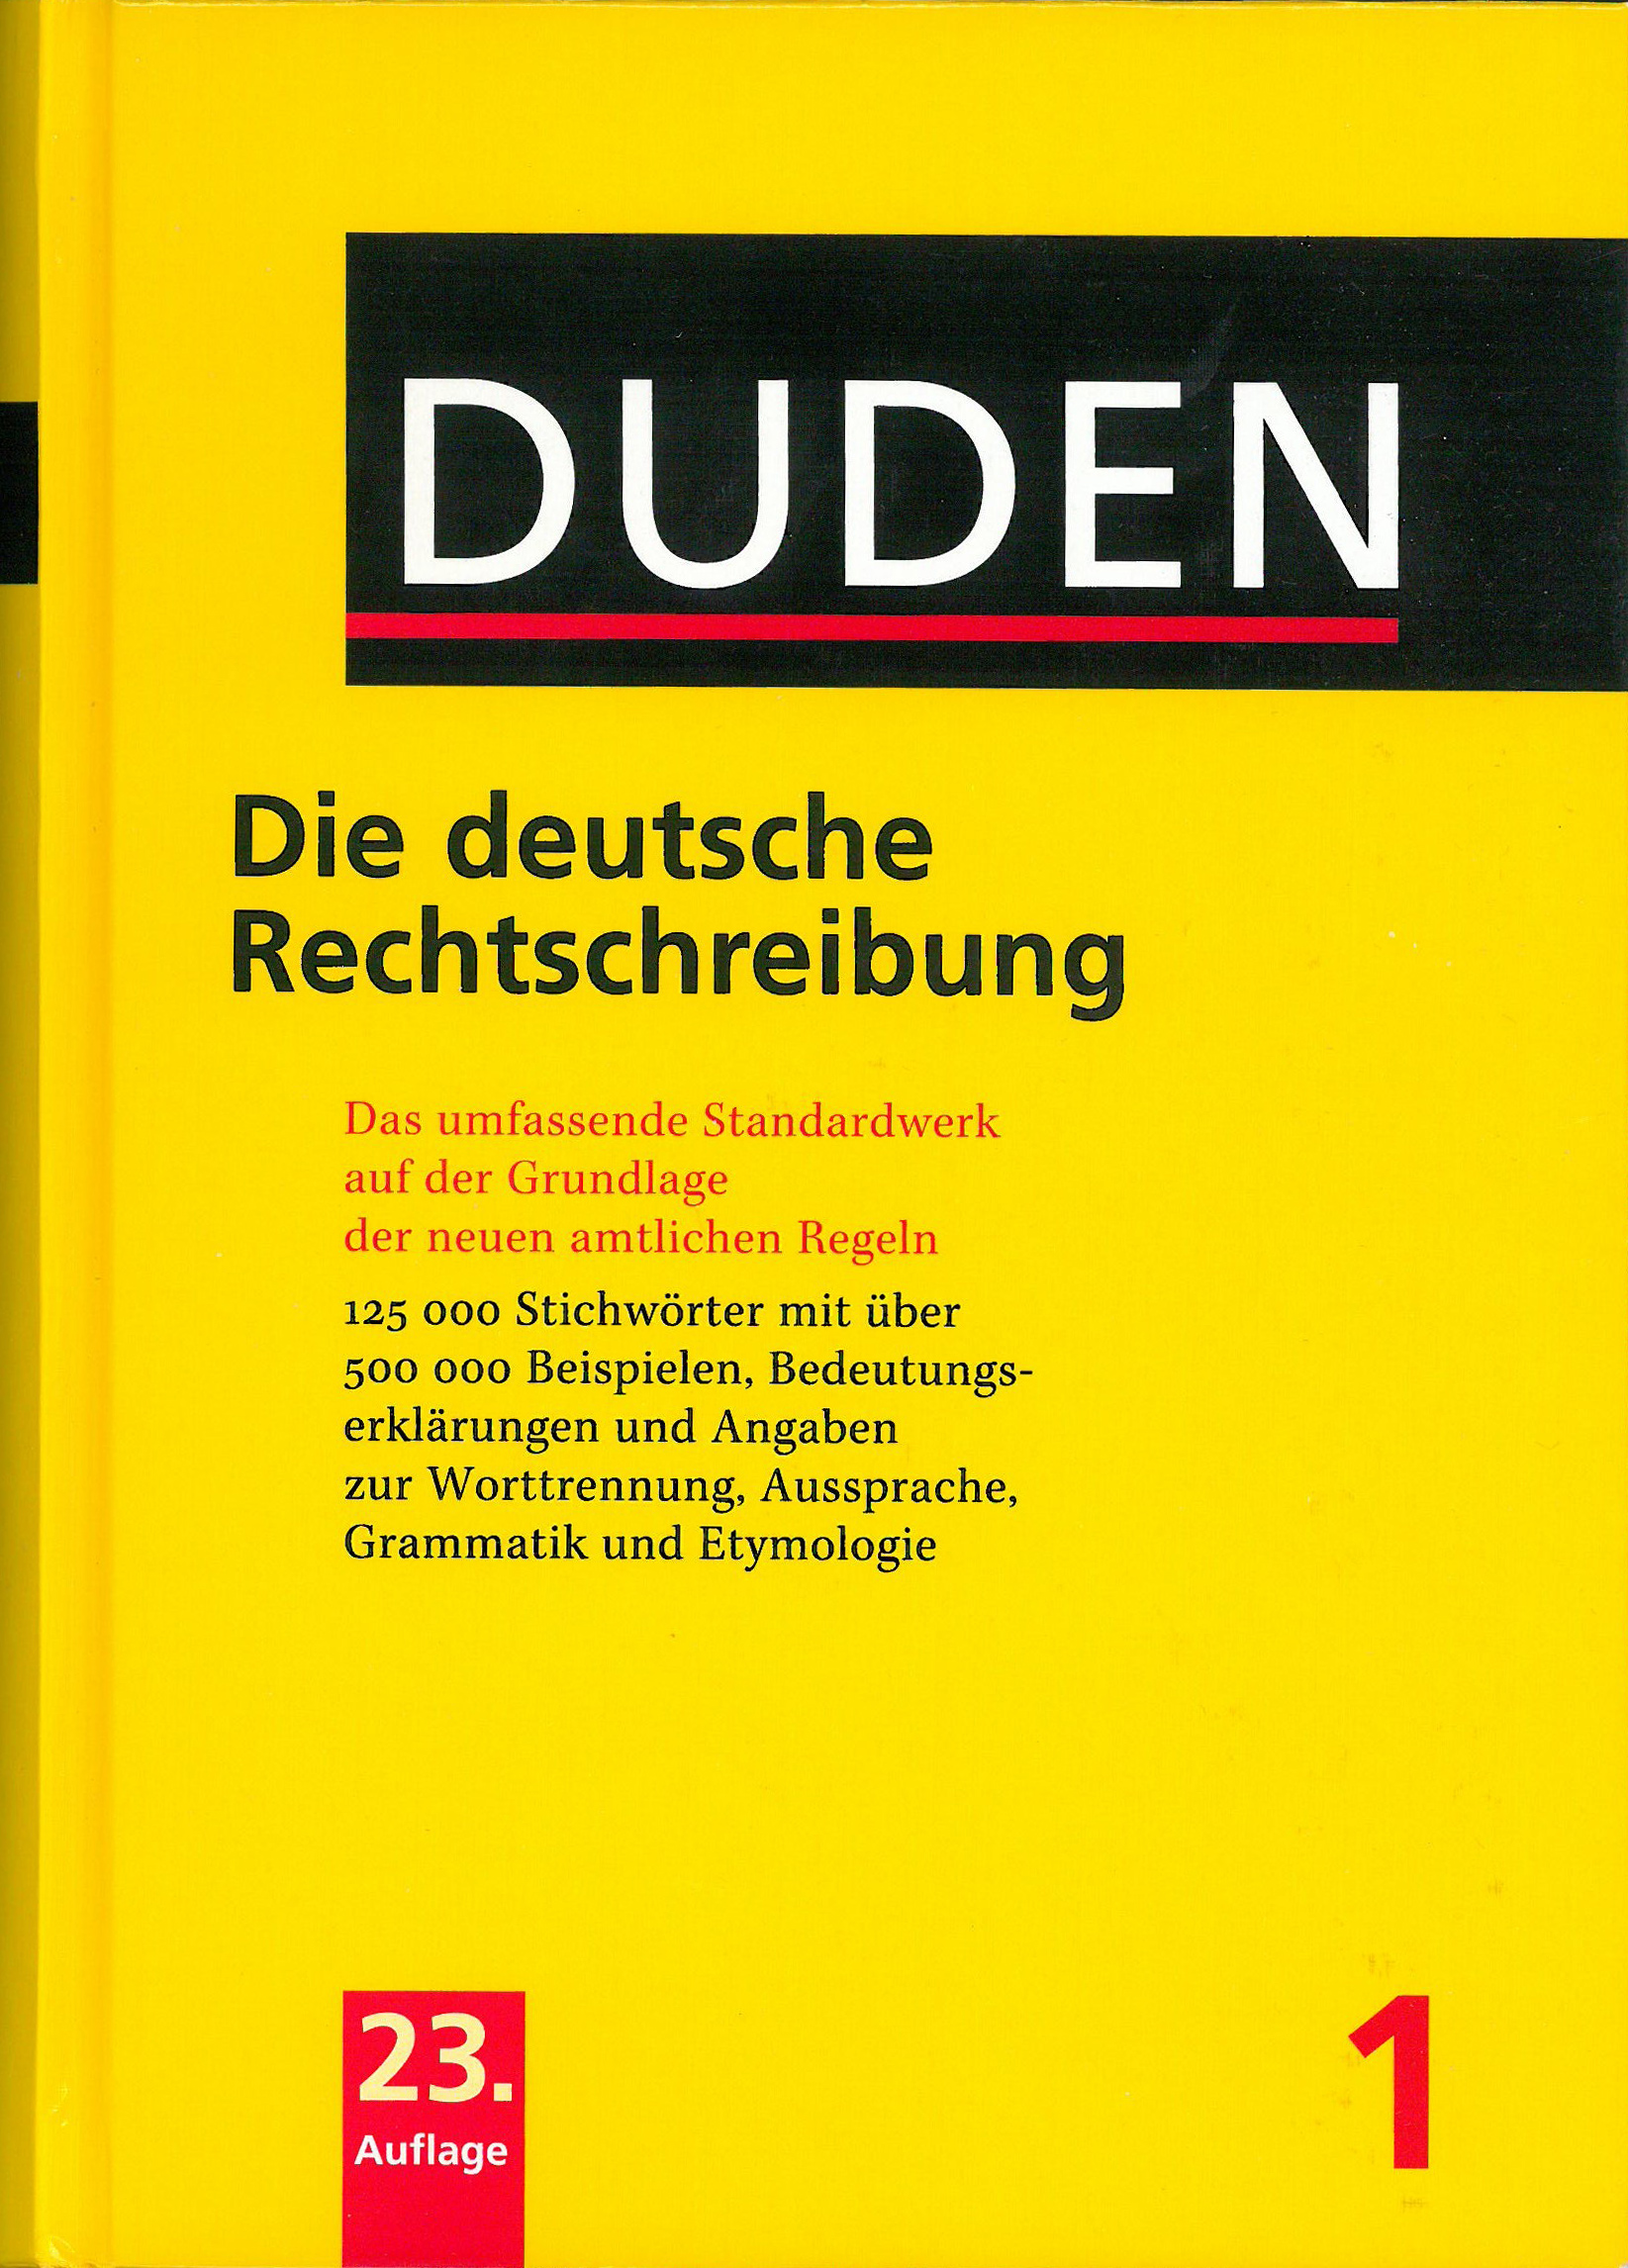 Buchcover Duden von 2004